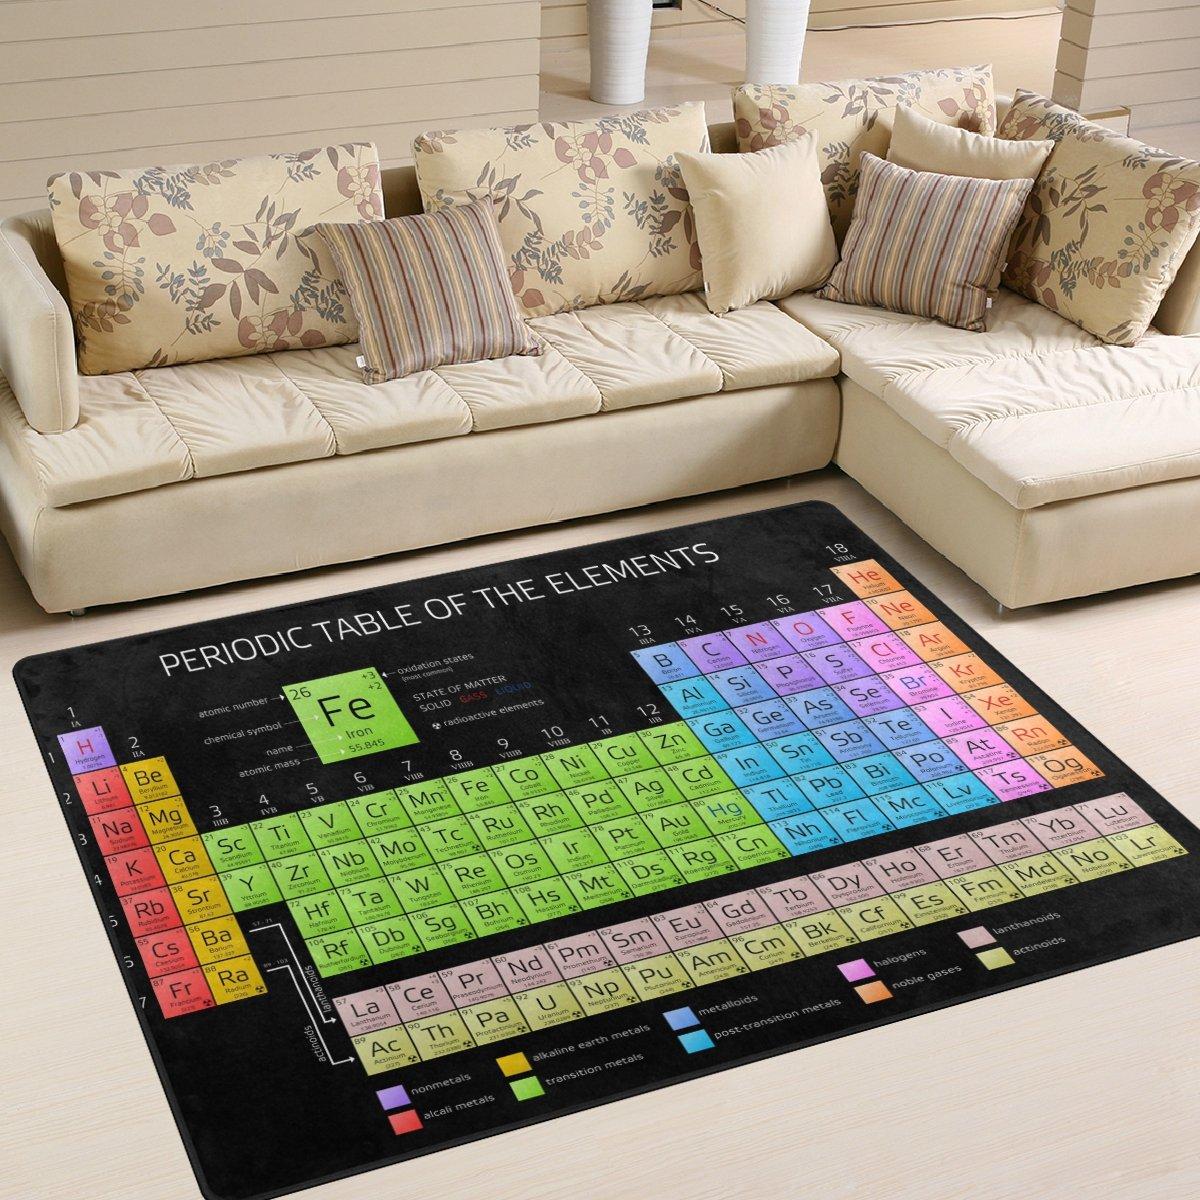 Use7 Periodensystem der Elemente Back to School Area Teppich Teppich Matte f¨¹r Wohnzimmer Schlafzimmer, Textil, Mehrfarbig, 203cm x 147.3cm(7 x 5 feet)